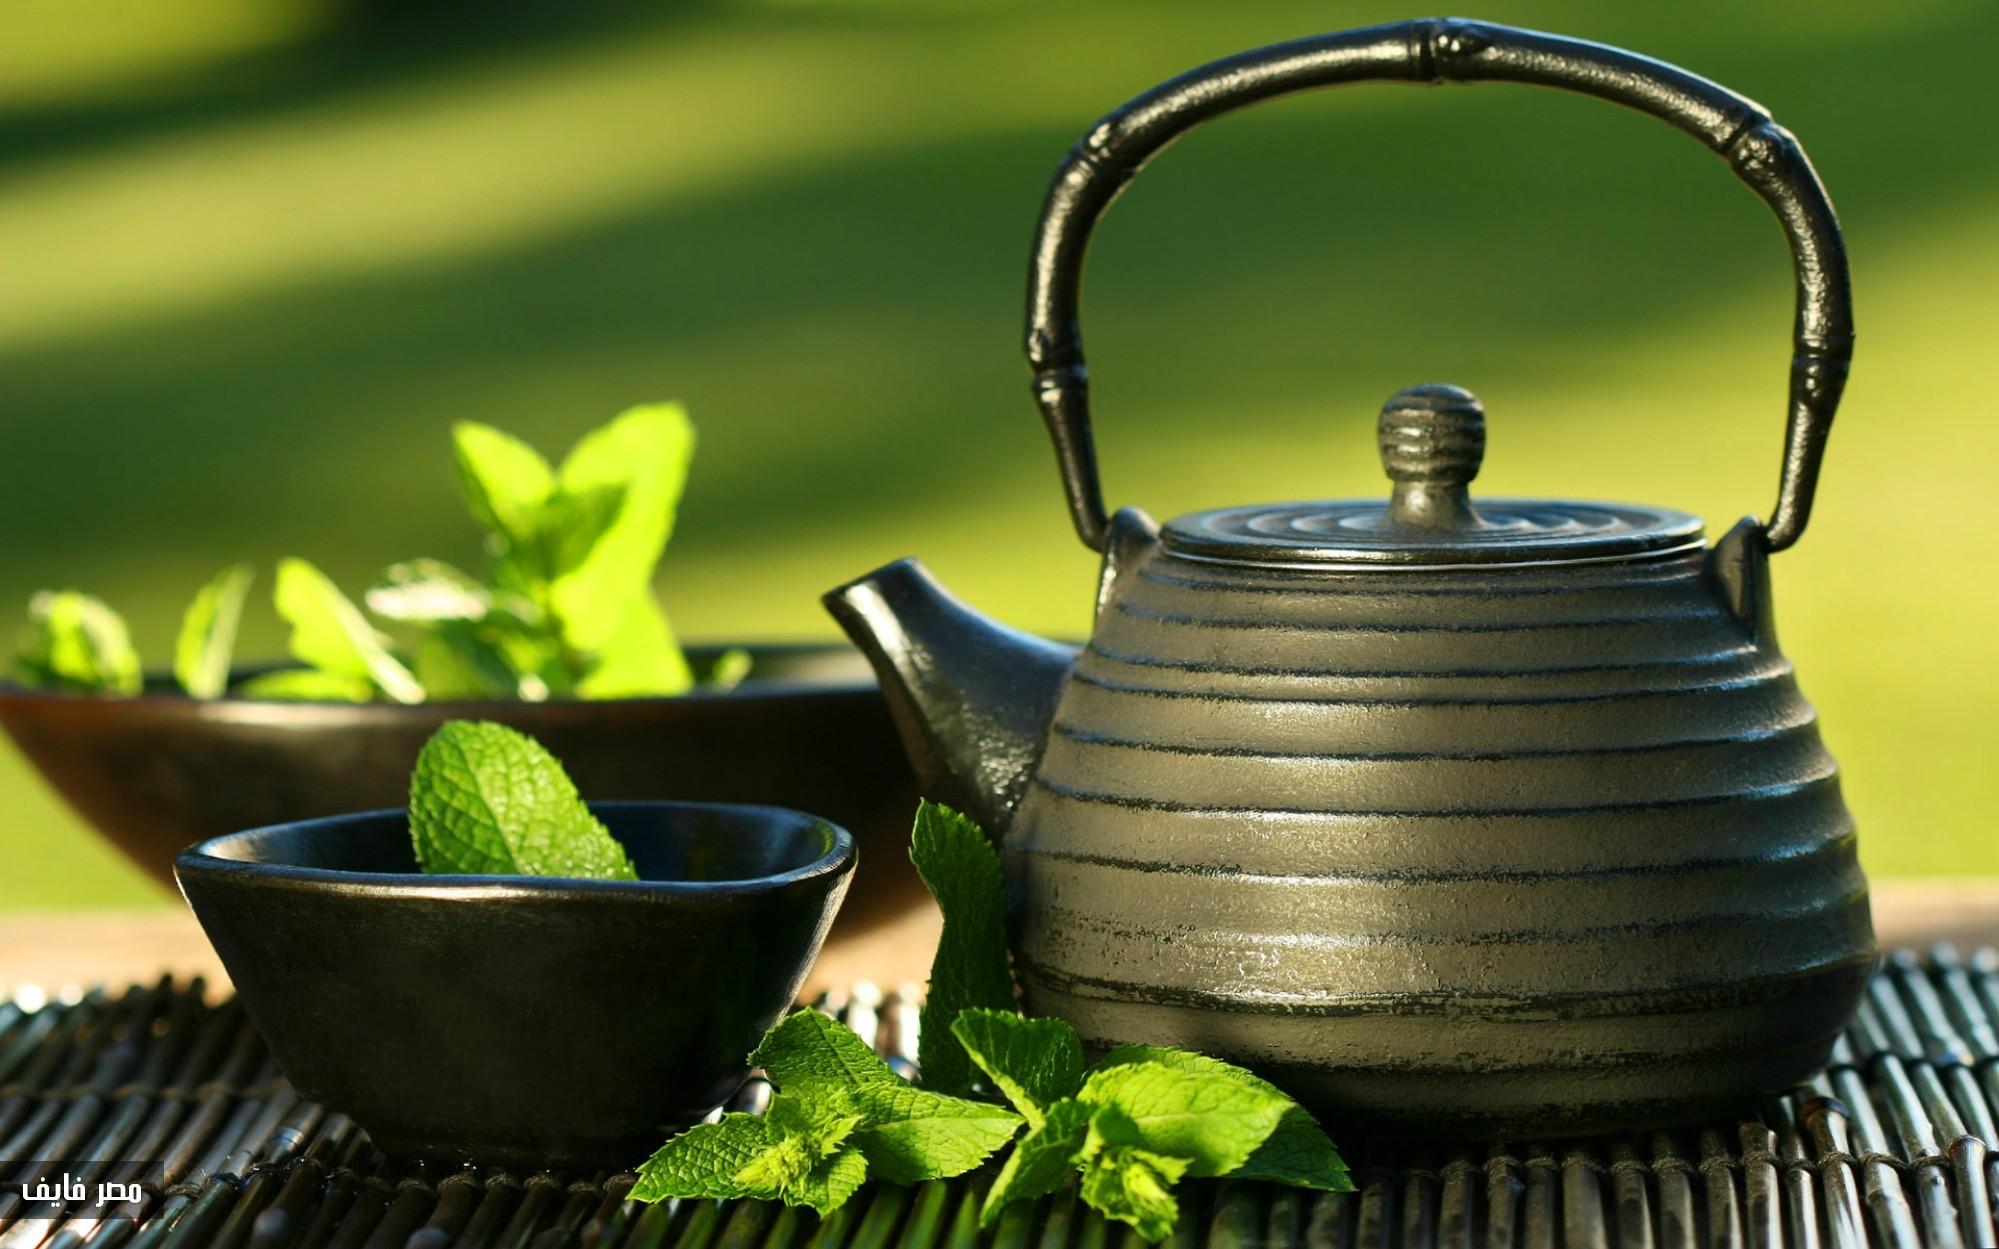 صورة اضرار الشاي الاخضر , مخاطر استخدام الشاي الاخضر